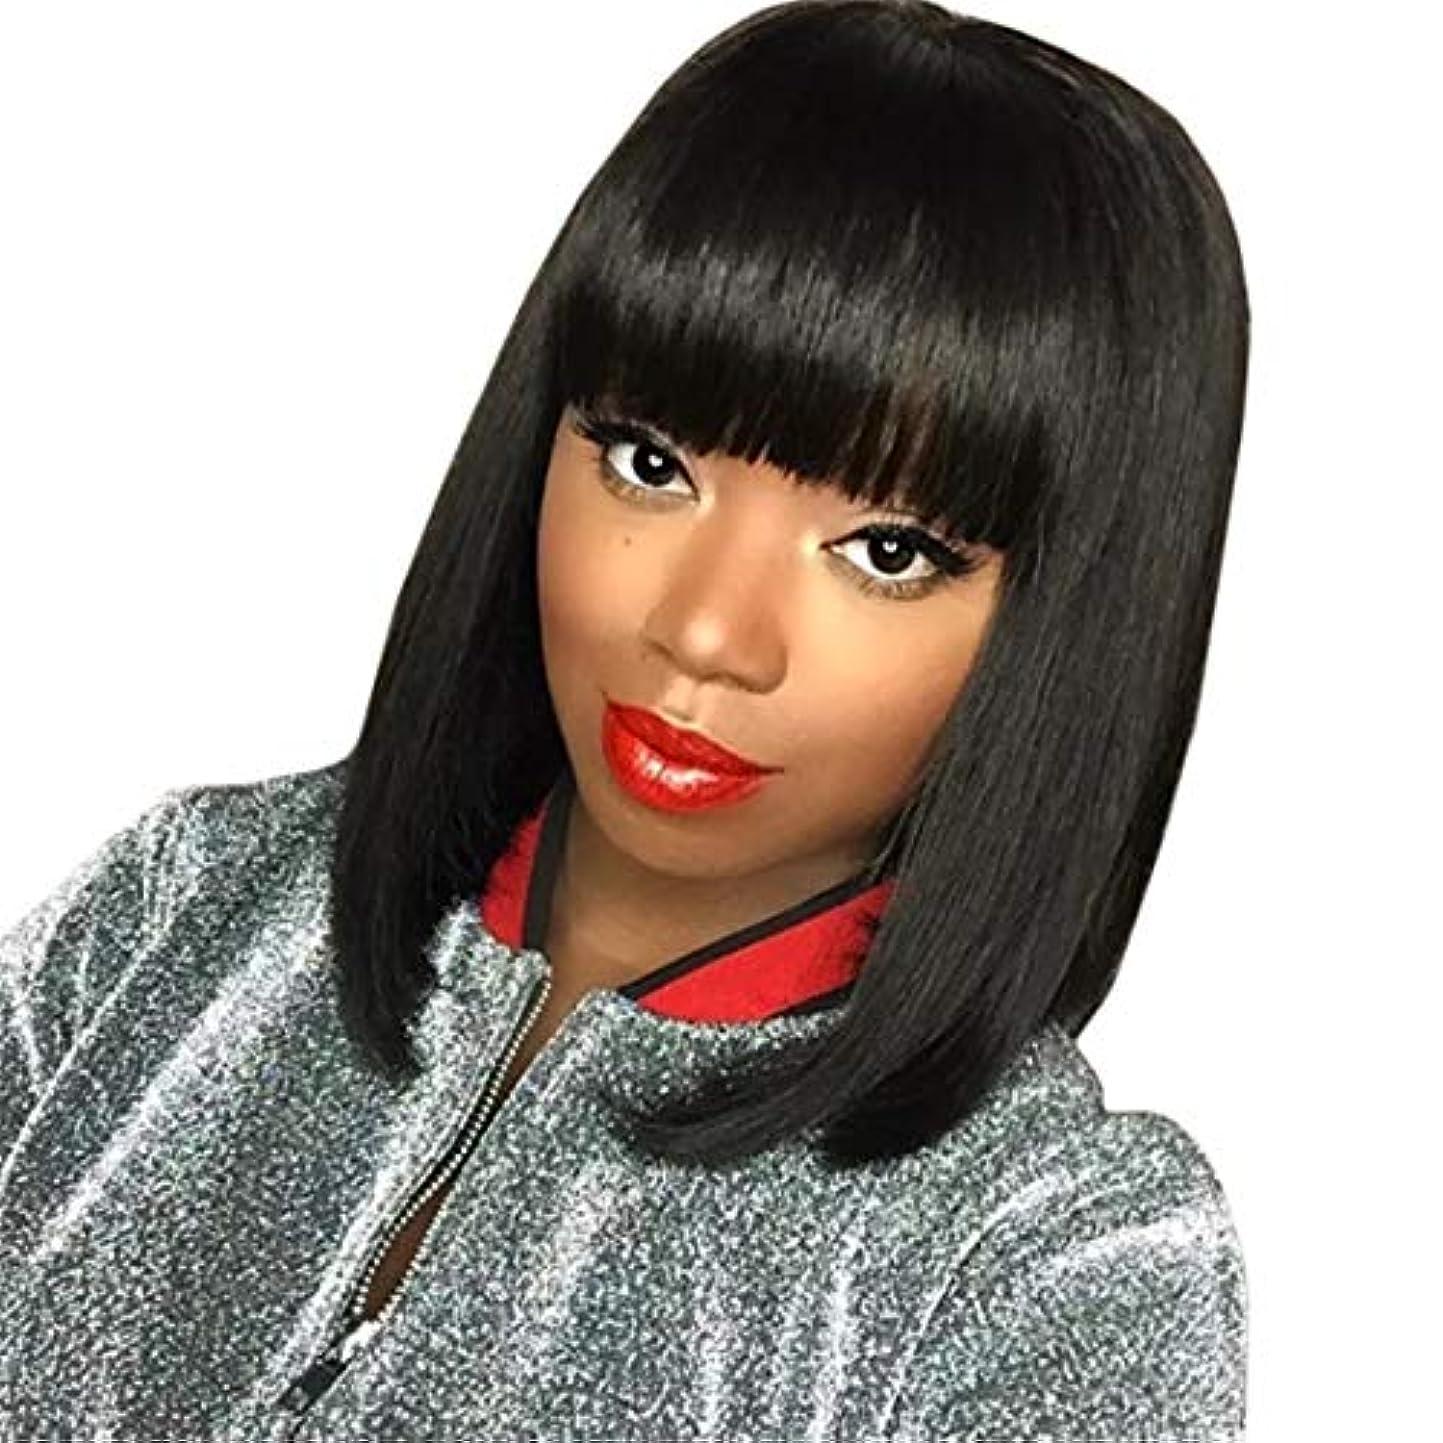 問題吐く圧力Koloeplf 女性用フルヘッドウィッグミディアムロングストレートヘアインナーバックル付き前髪かつら女性用ナチュラルカラーの髪の毛180g(ブラック/ダークブラウン/ライトブラウン)